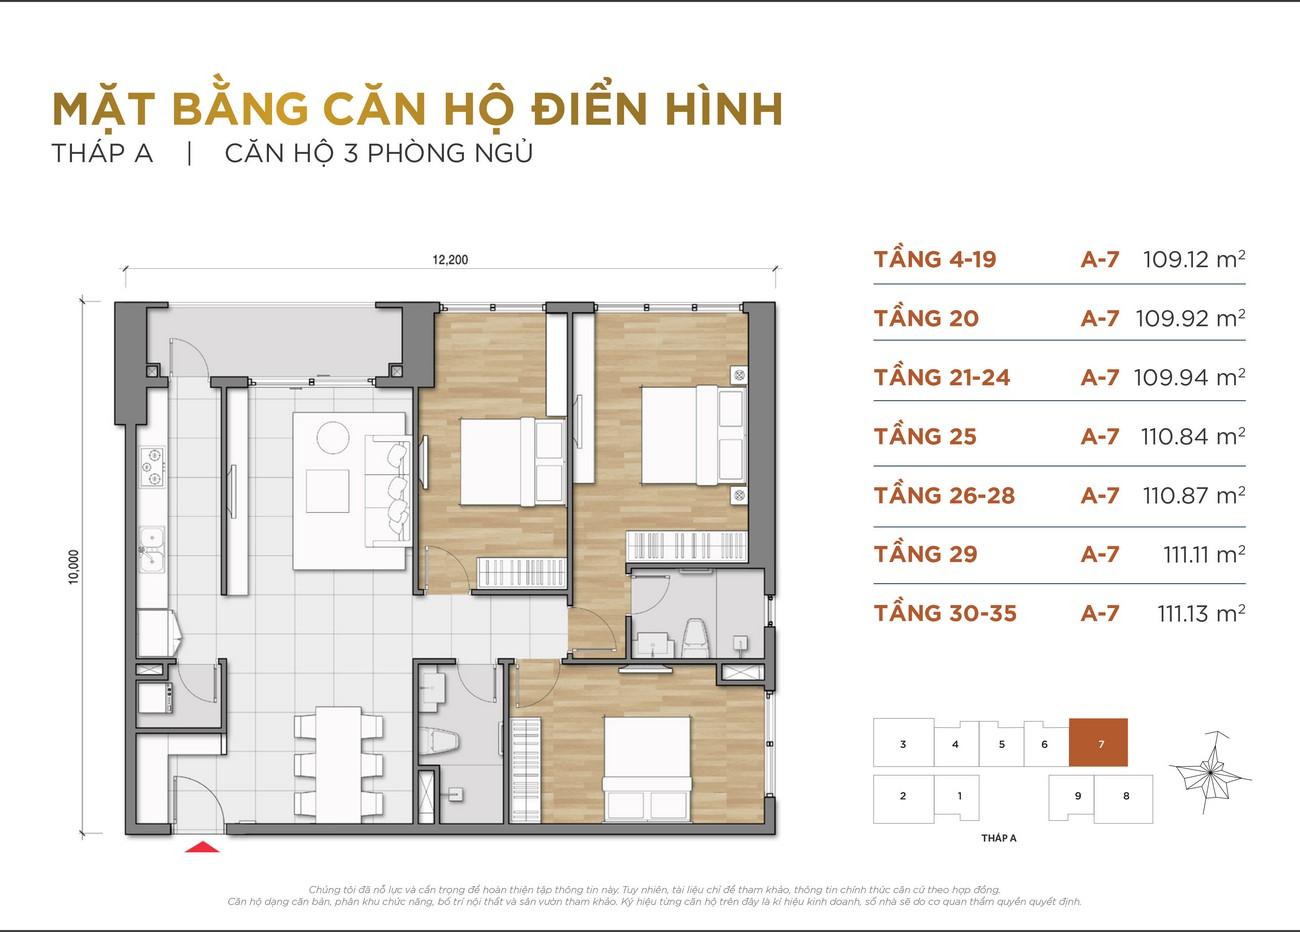 Thiết kế dự án căn hộ chung cư The Palace Residence Quận 2 Đường Mai Chí Thọ chủ đầu tư Novaland